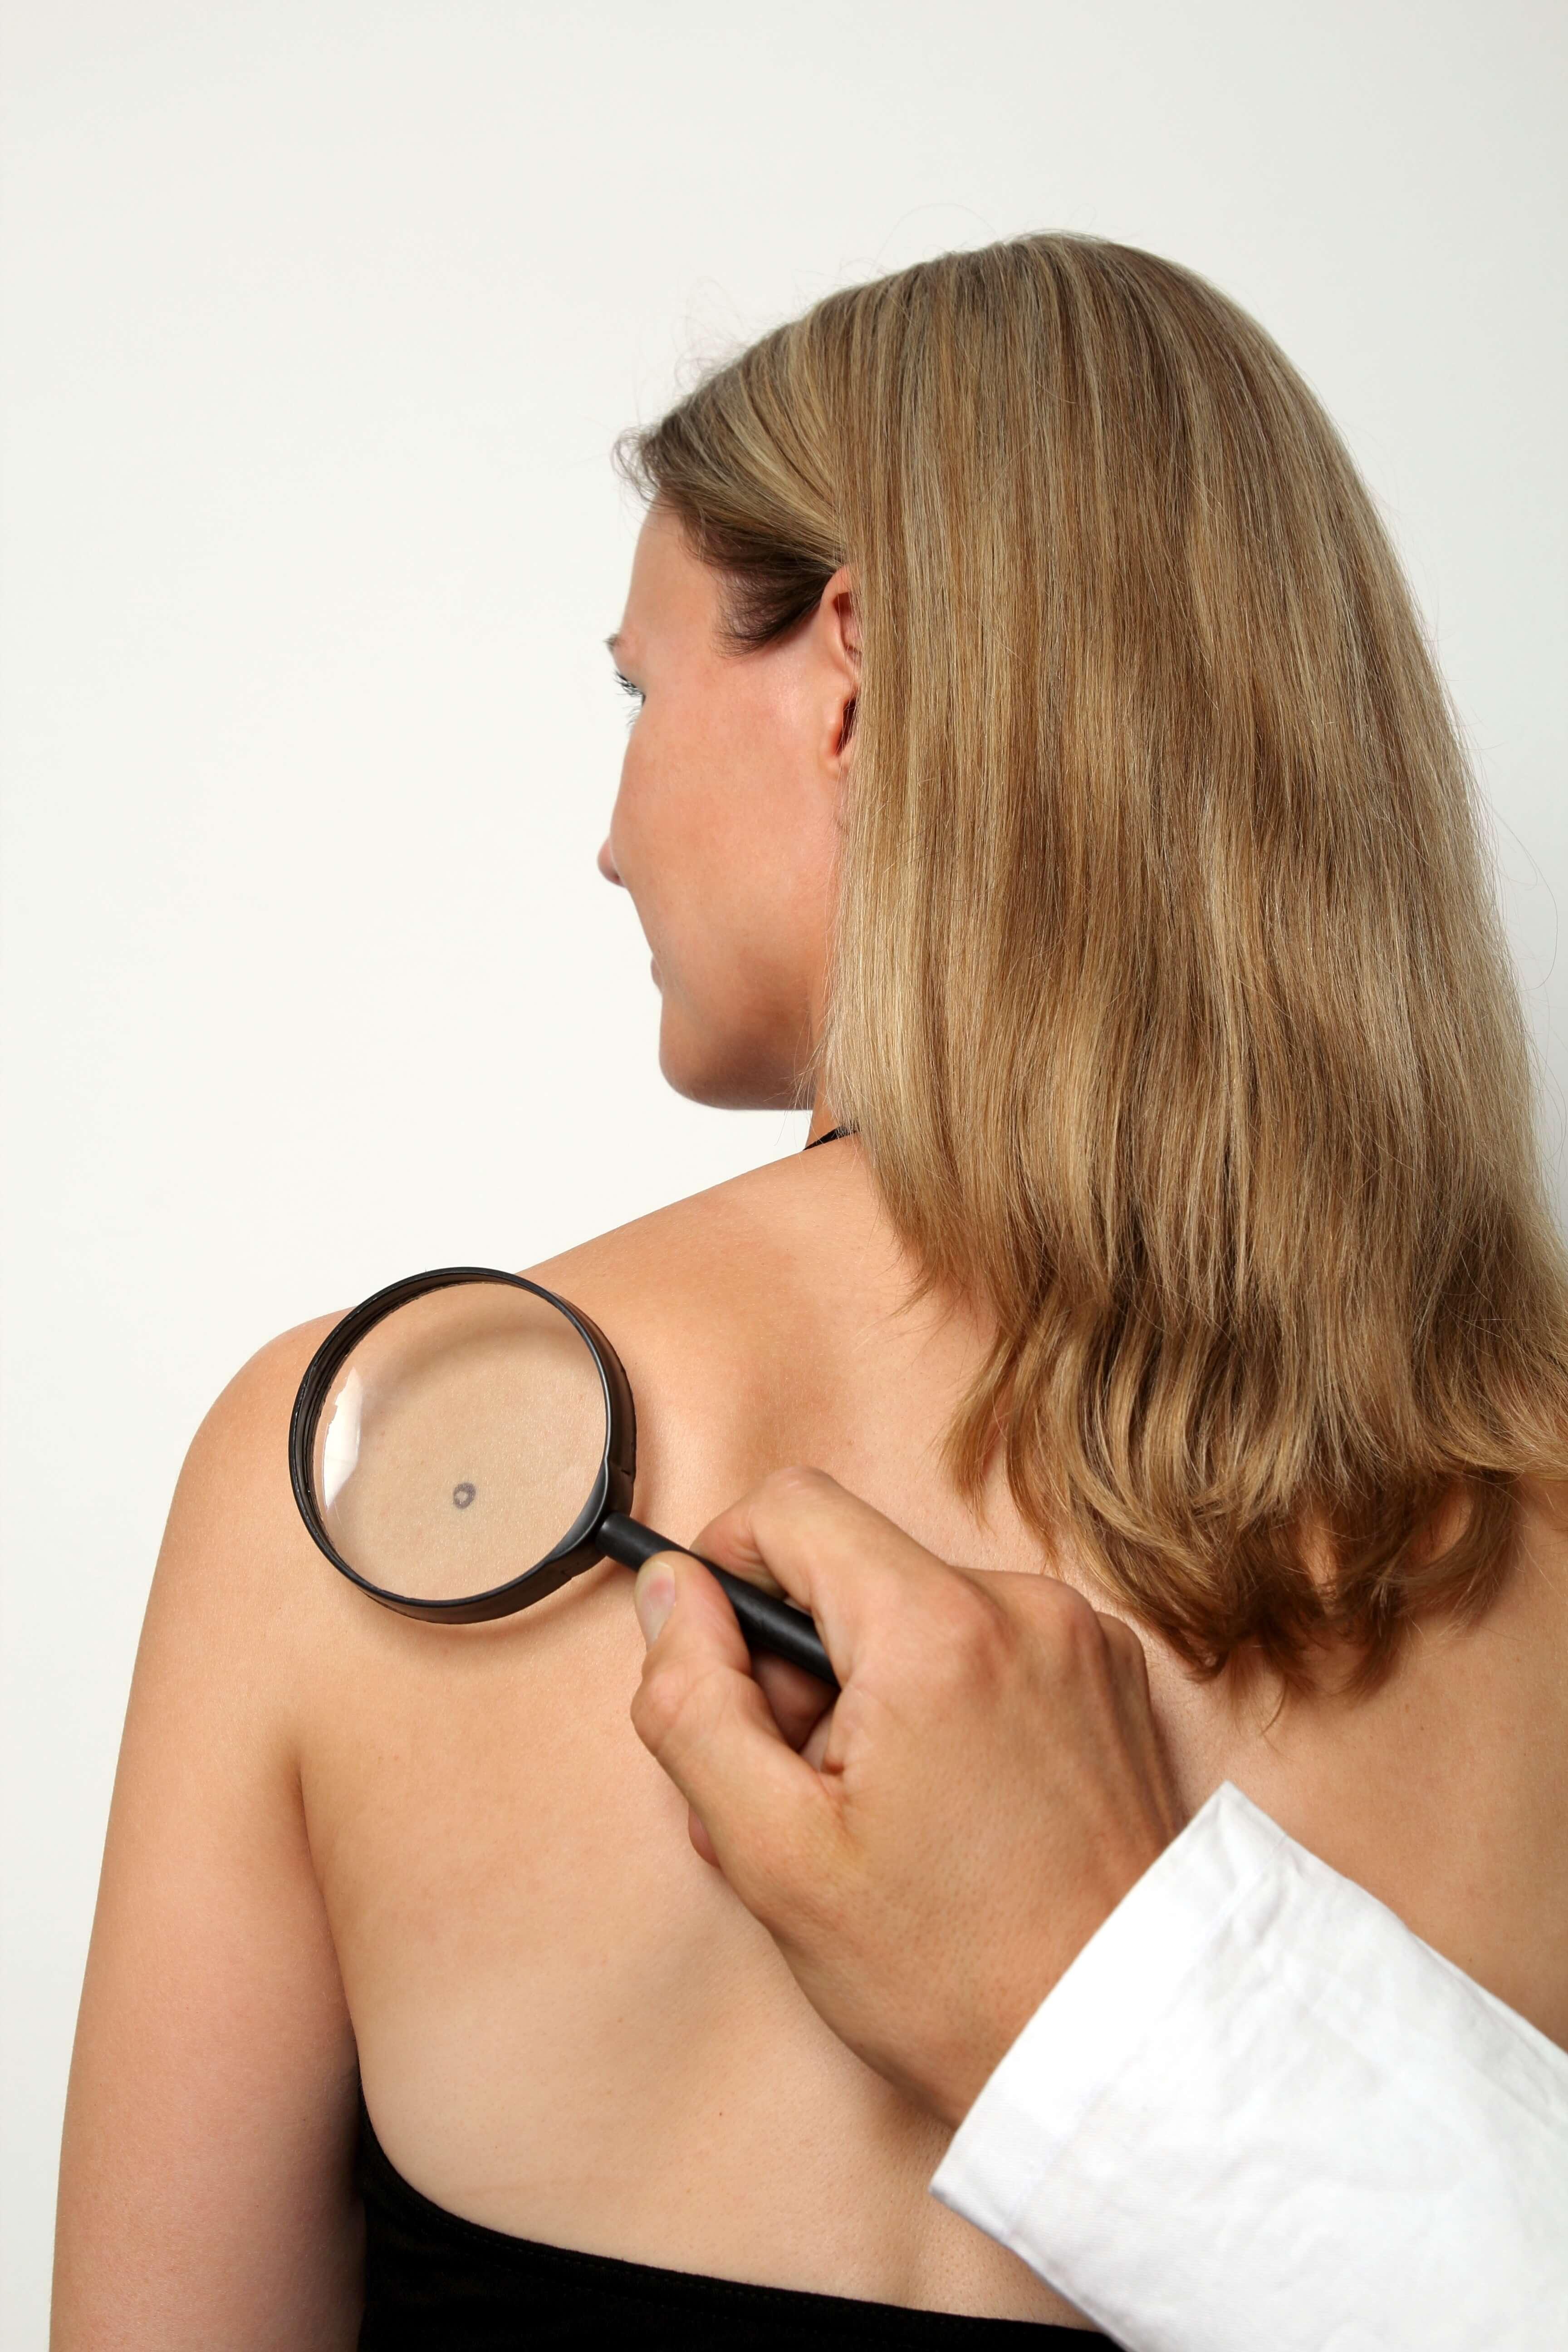 La prevención, nuestro mejor aliado contra el cáncer de piel Dr. Leopoldo Cagigal - Cirugía plástica y estética 2